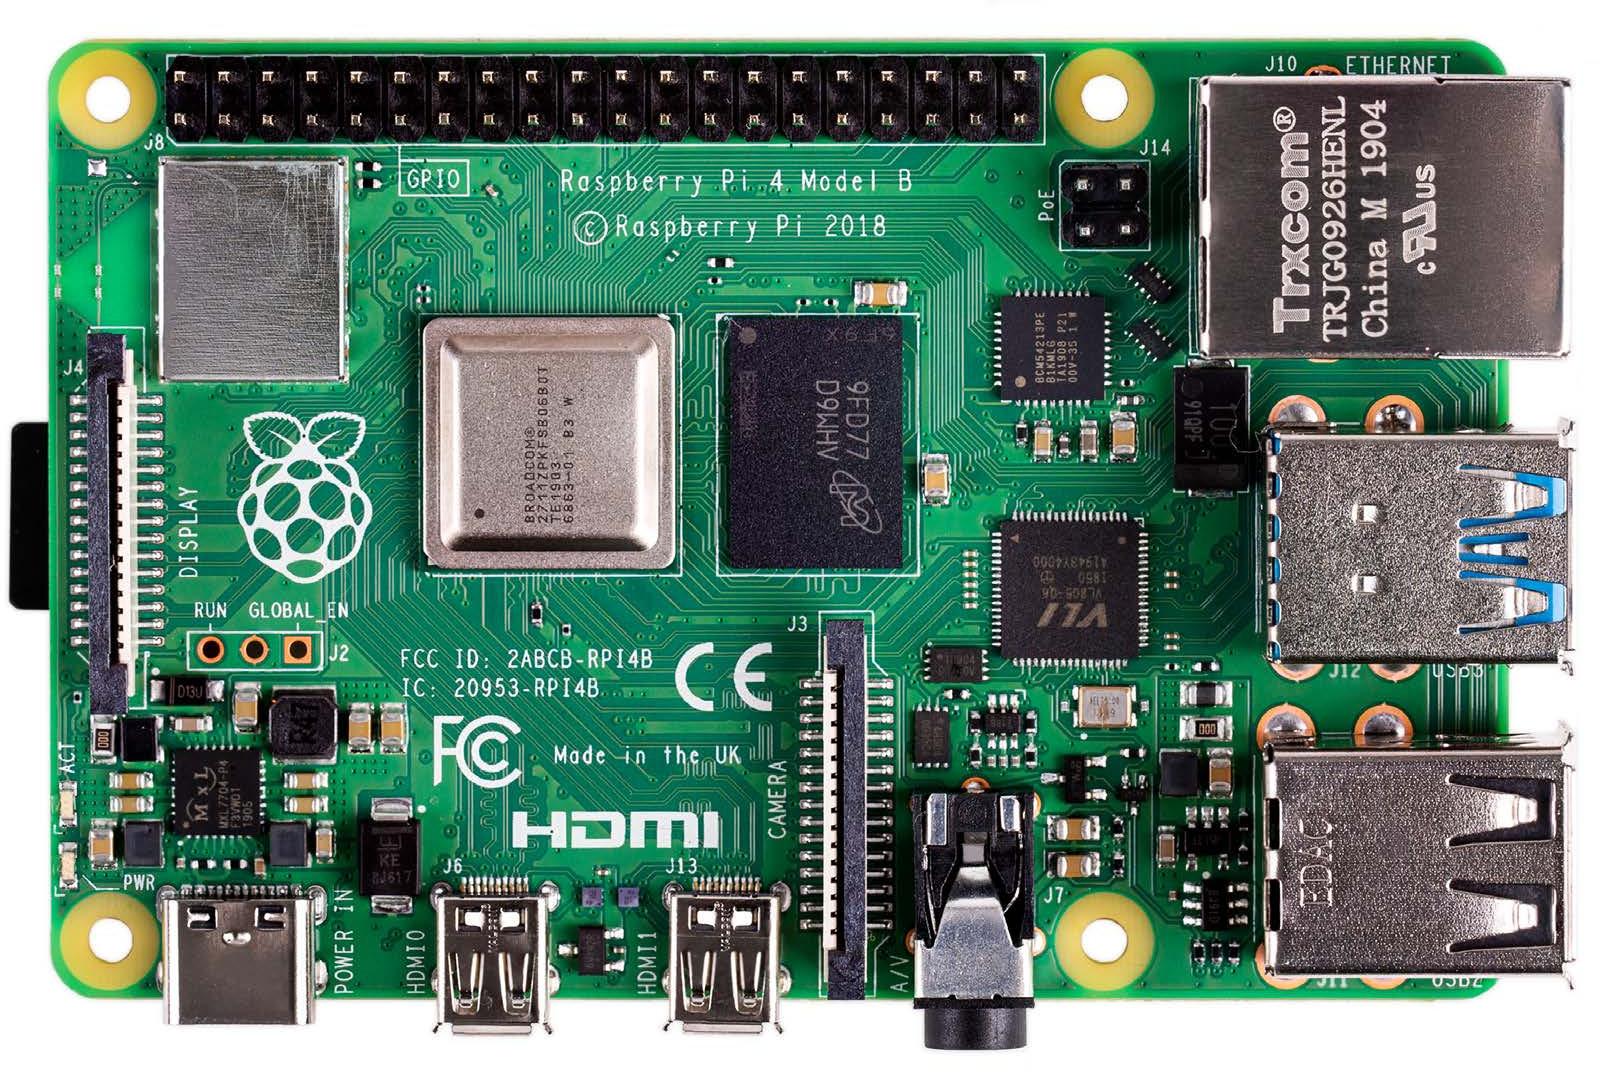 Raspberry Pi 4 Features Broadcom BCM2711 Processor, Up to 4GB RAM